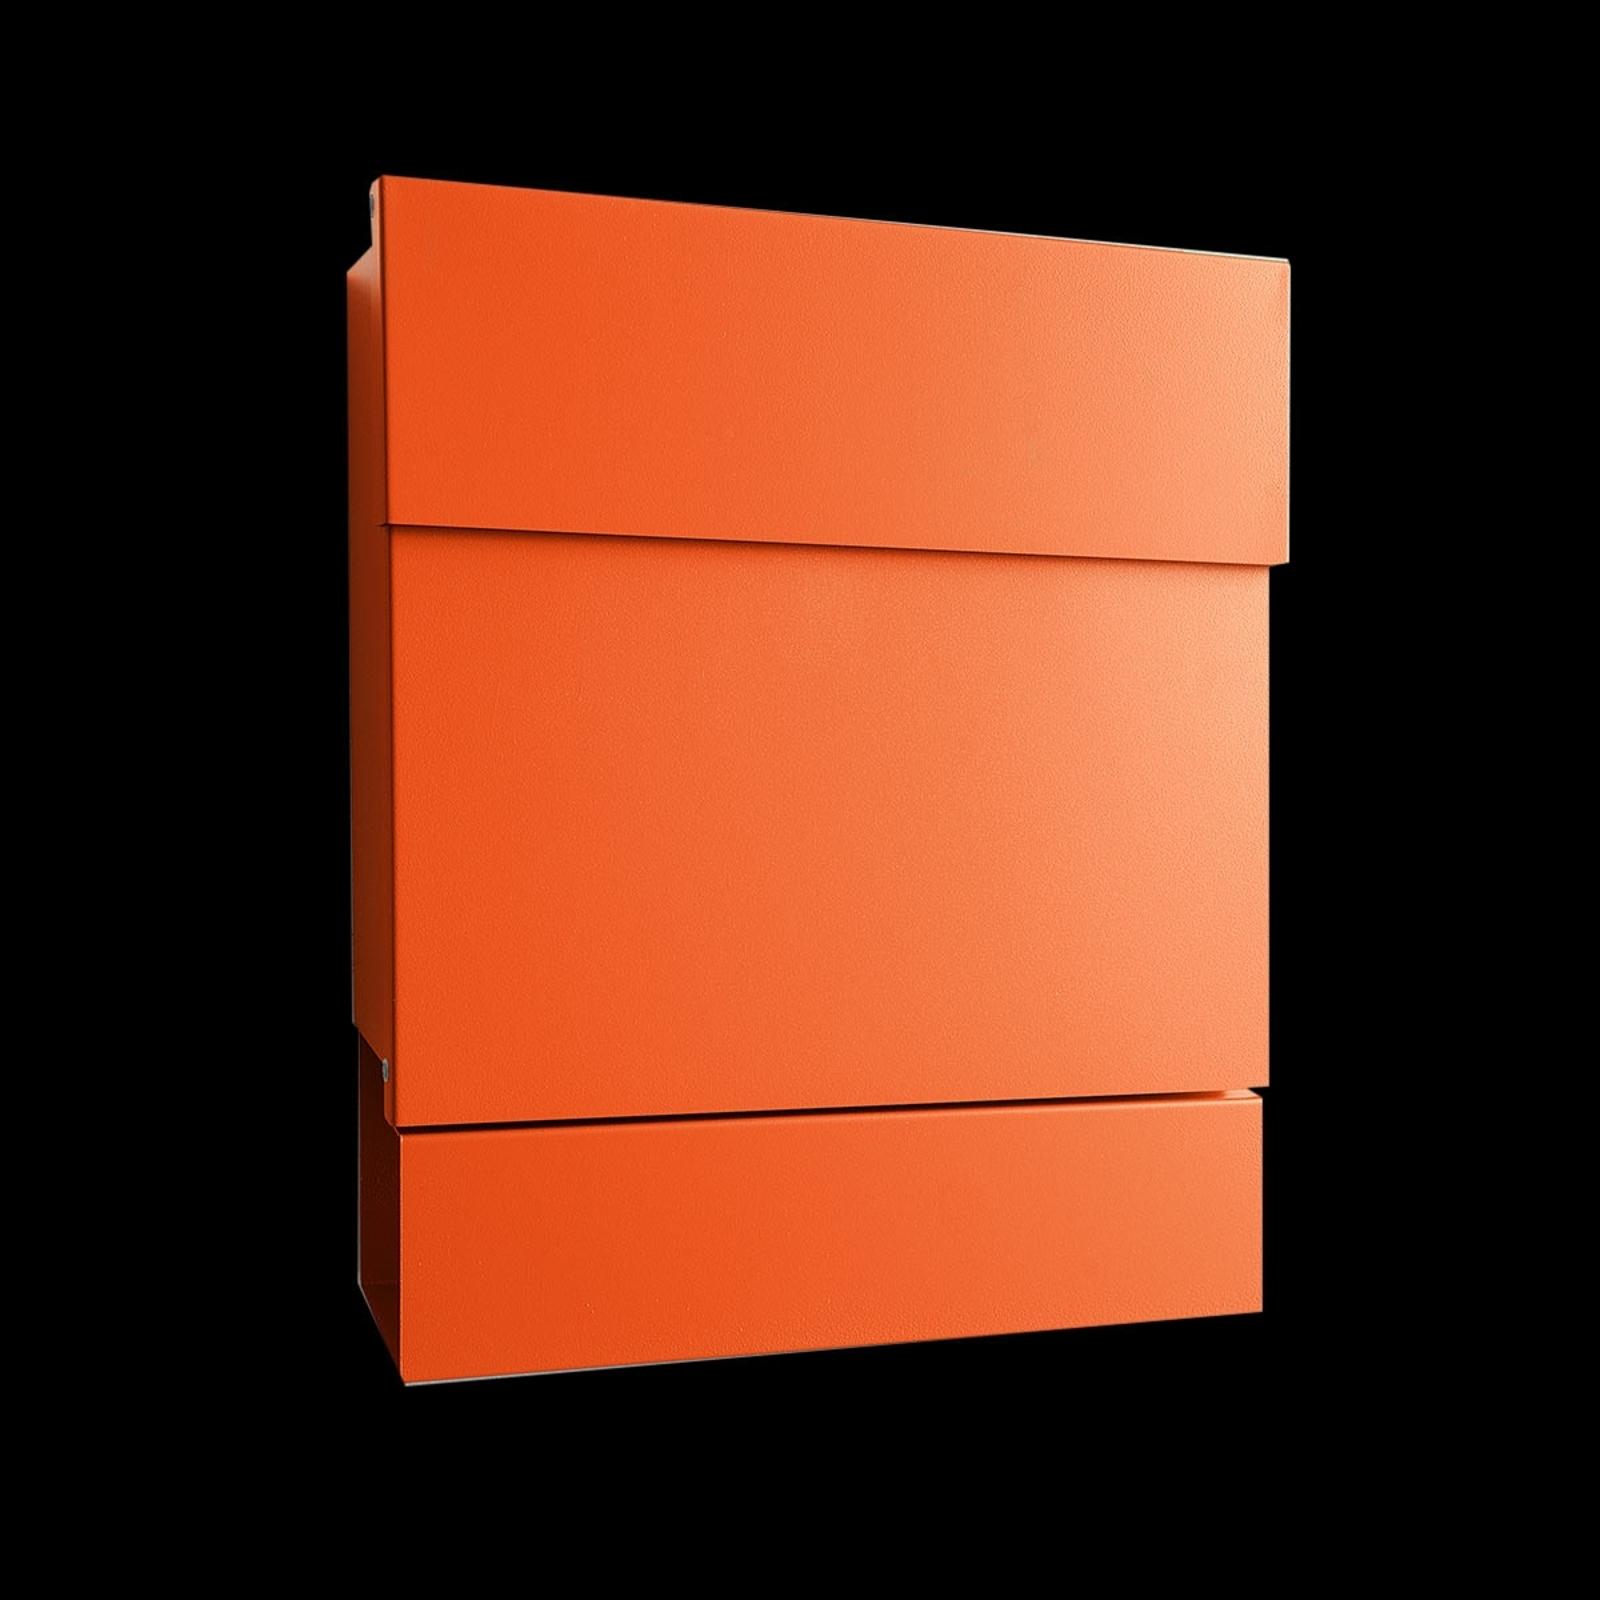 Romslig postkasse Letterman V, avisholder, oransje